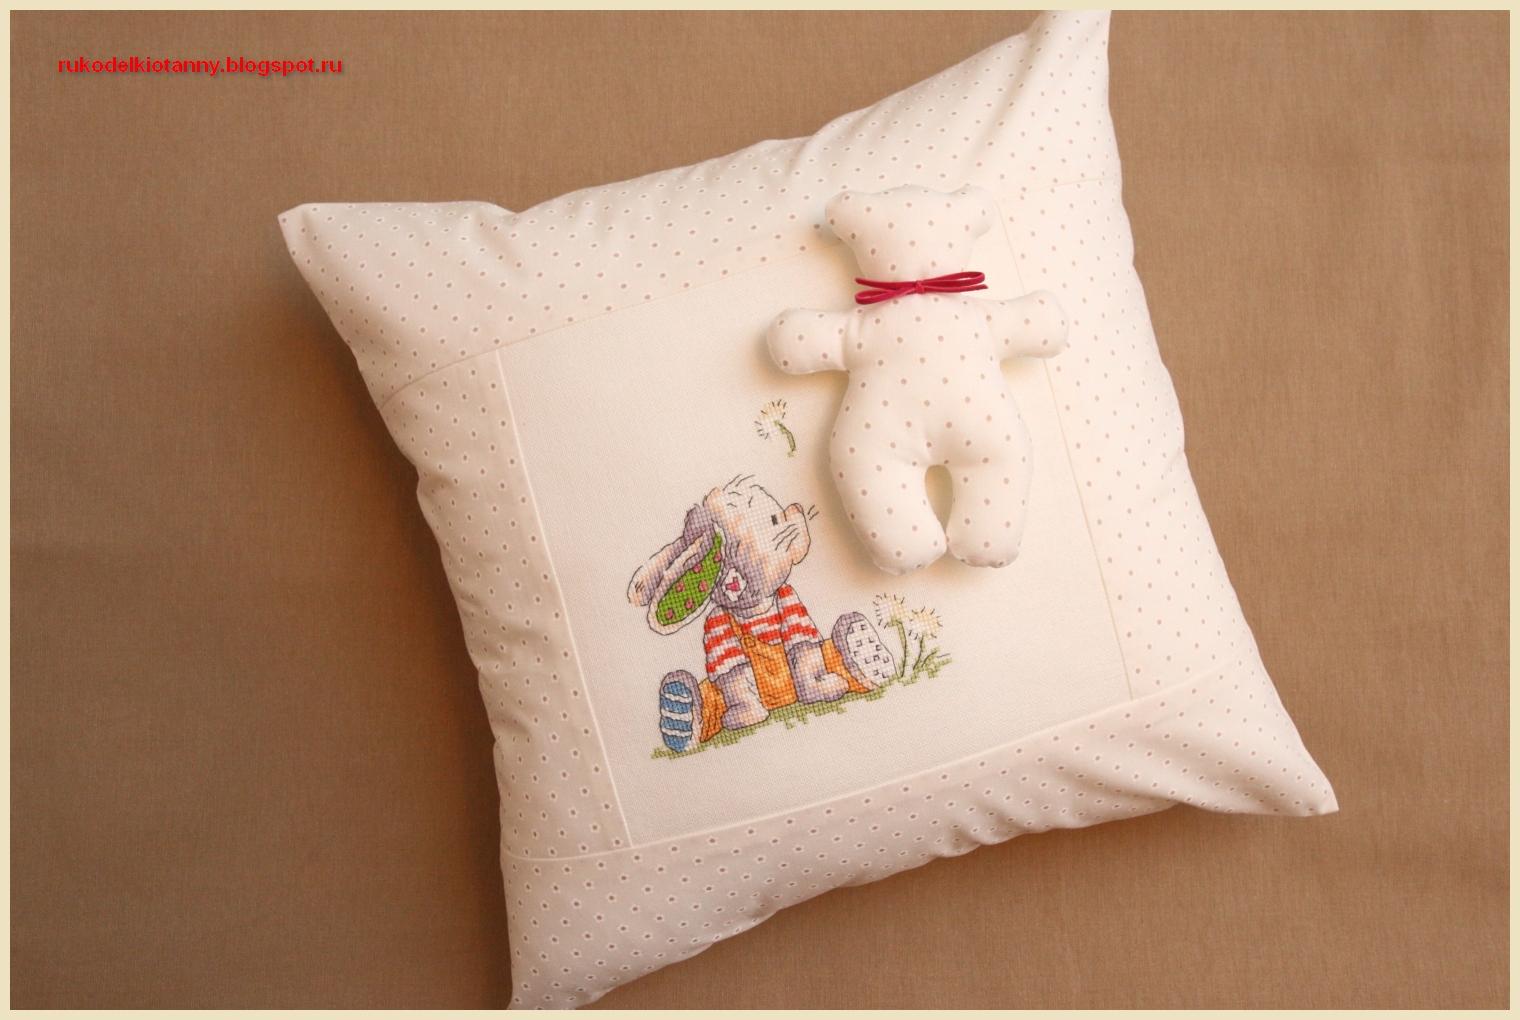 Купить именную подушку с вышивкой на 99